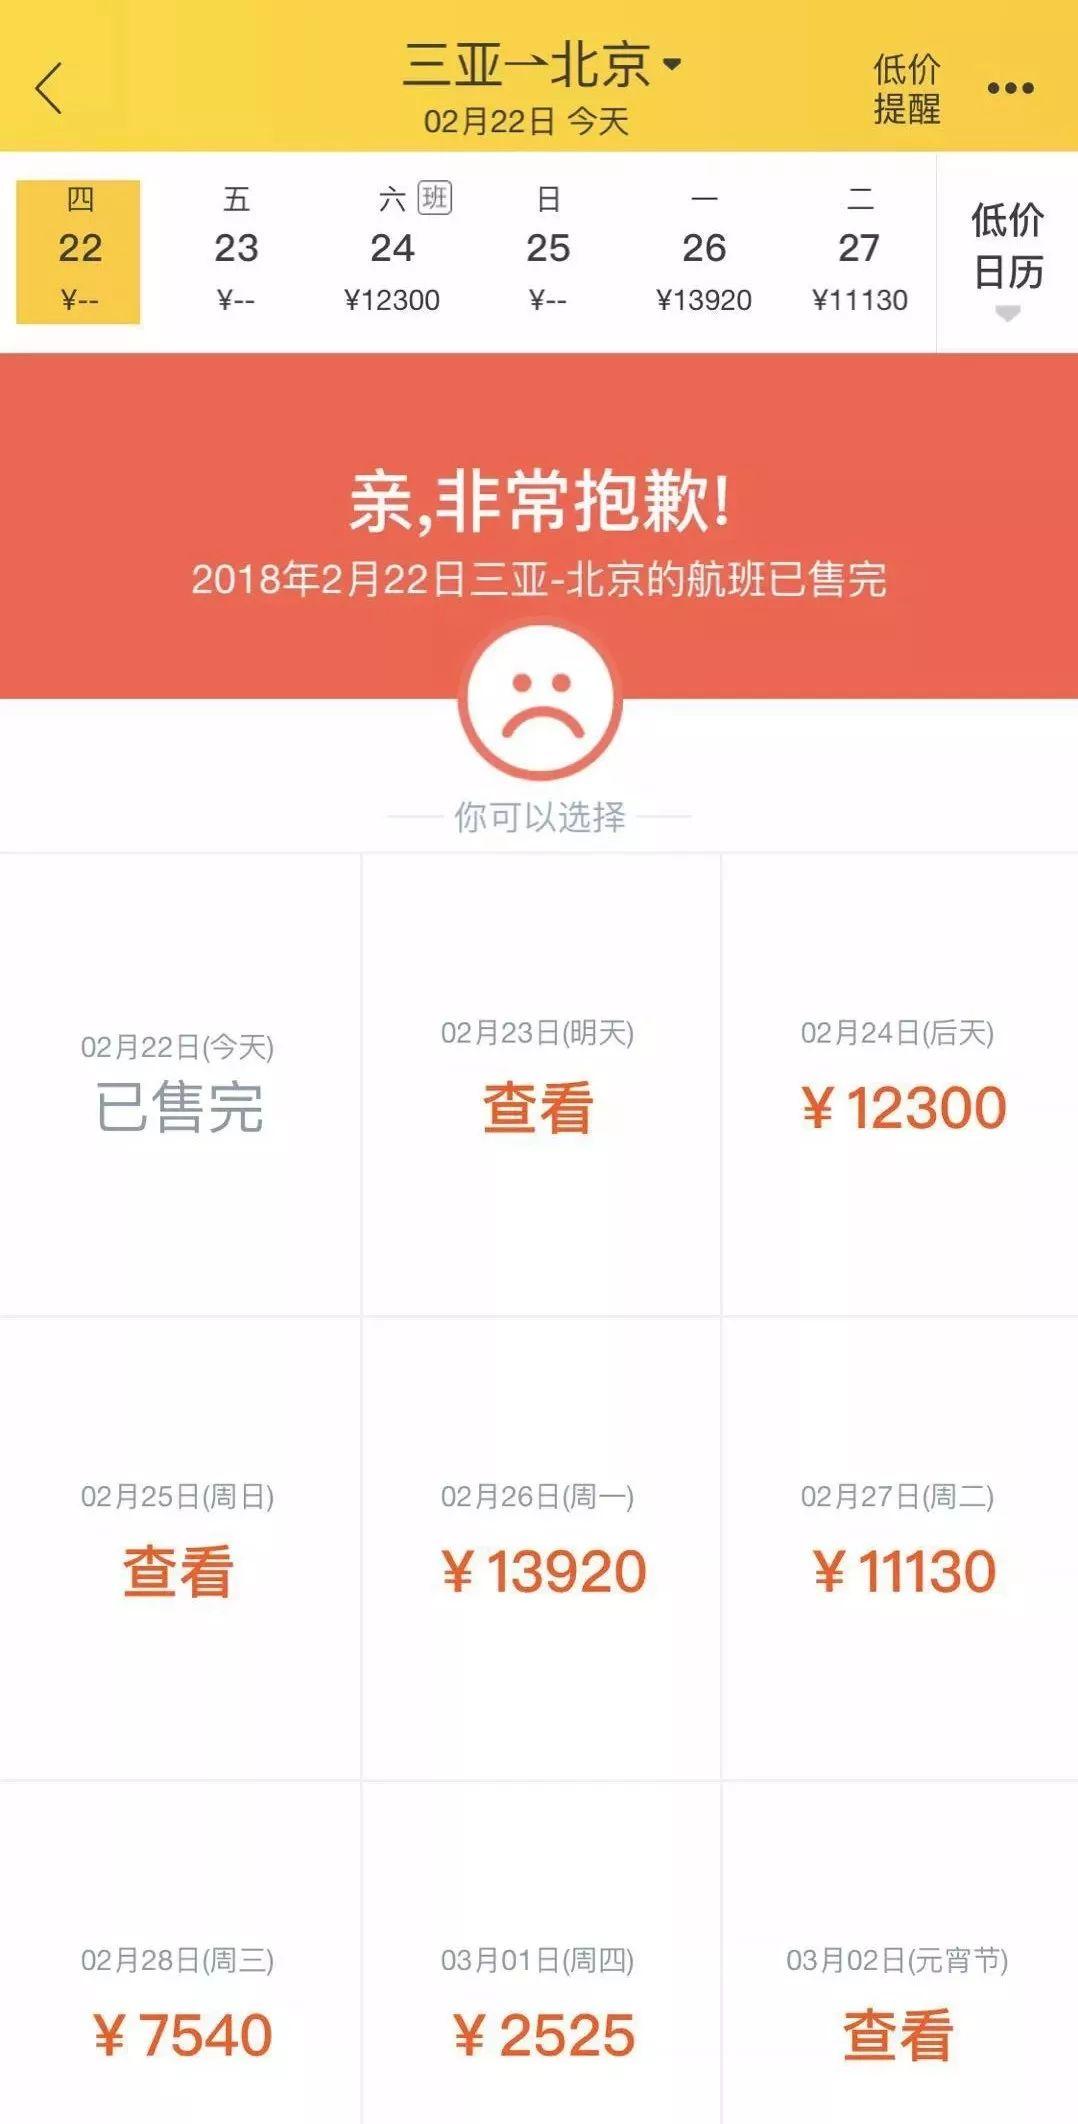 △某购票平台截图